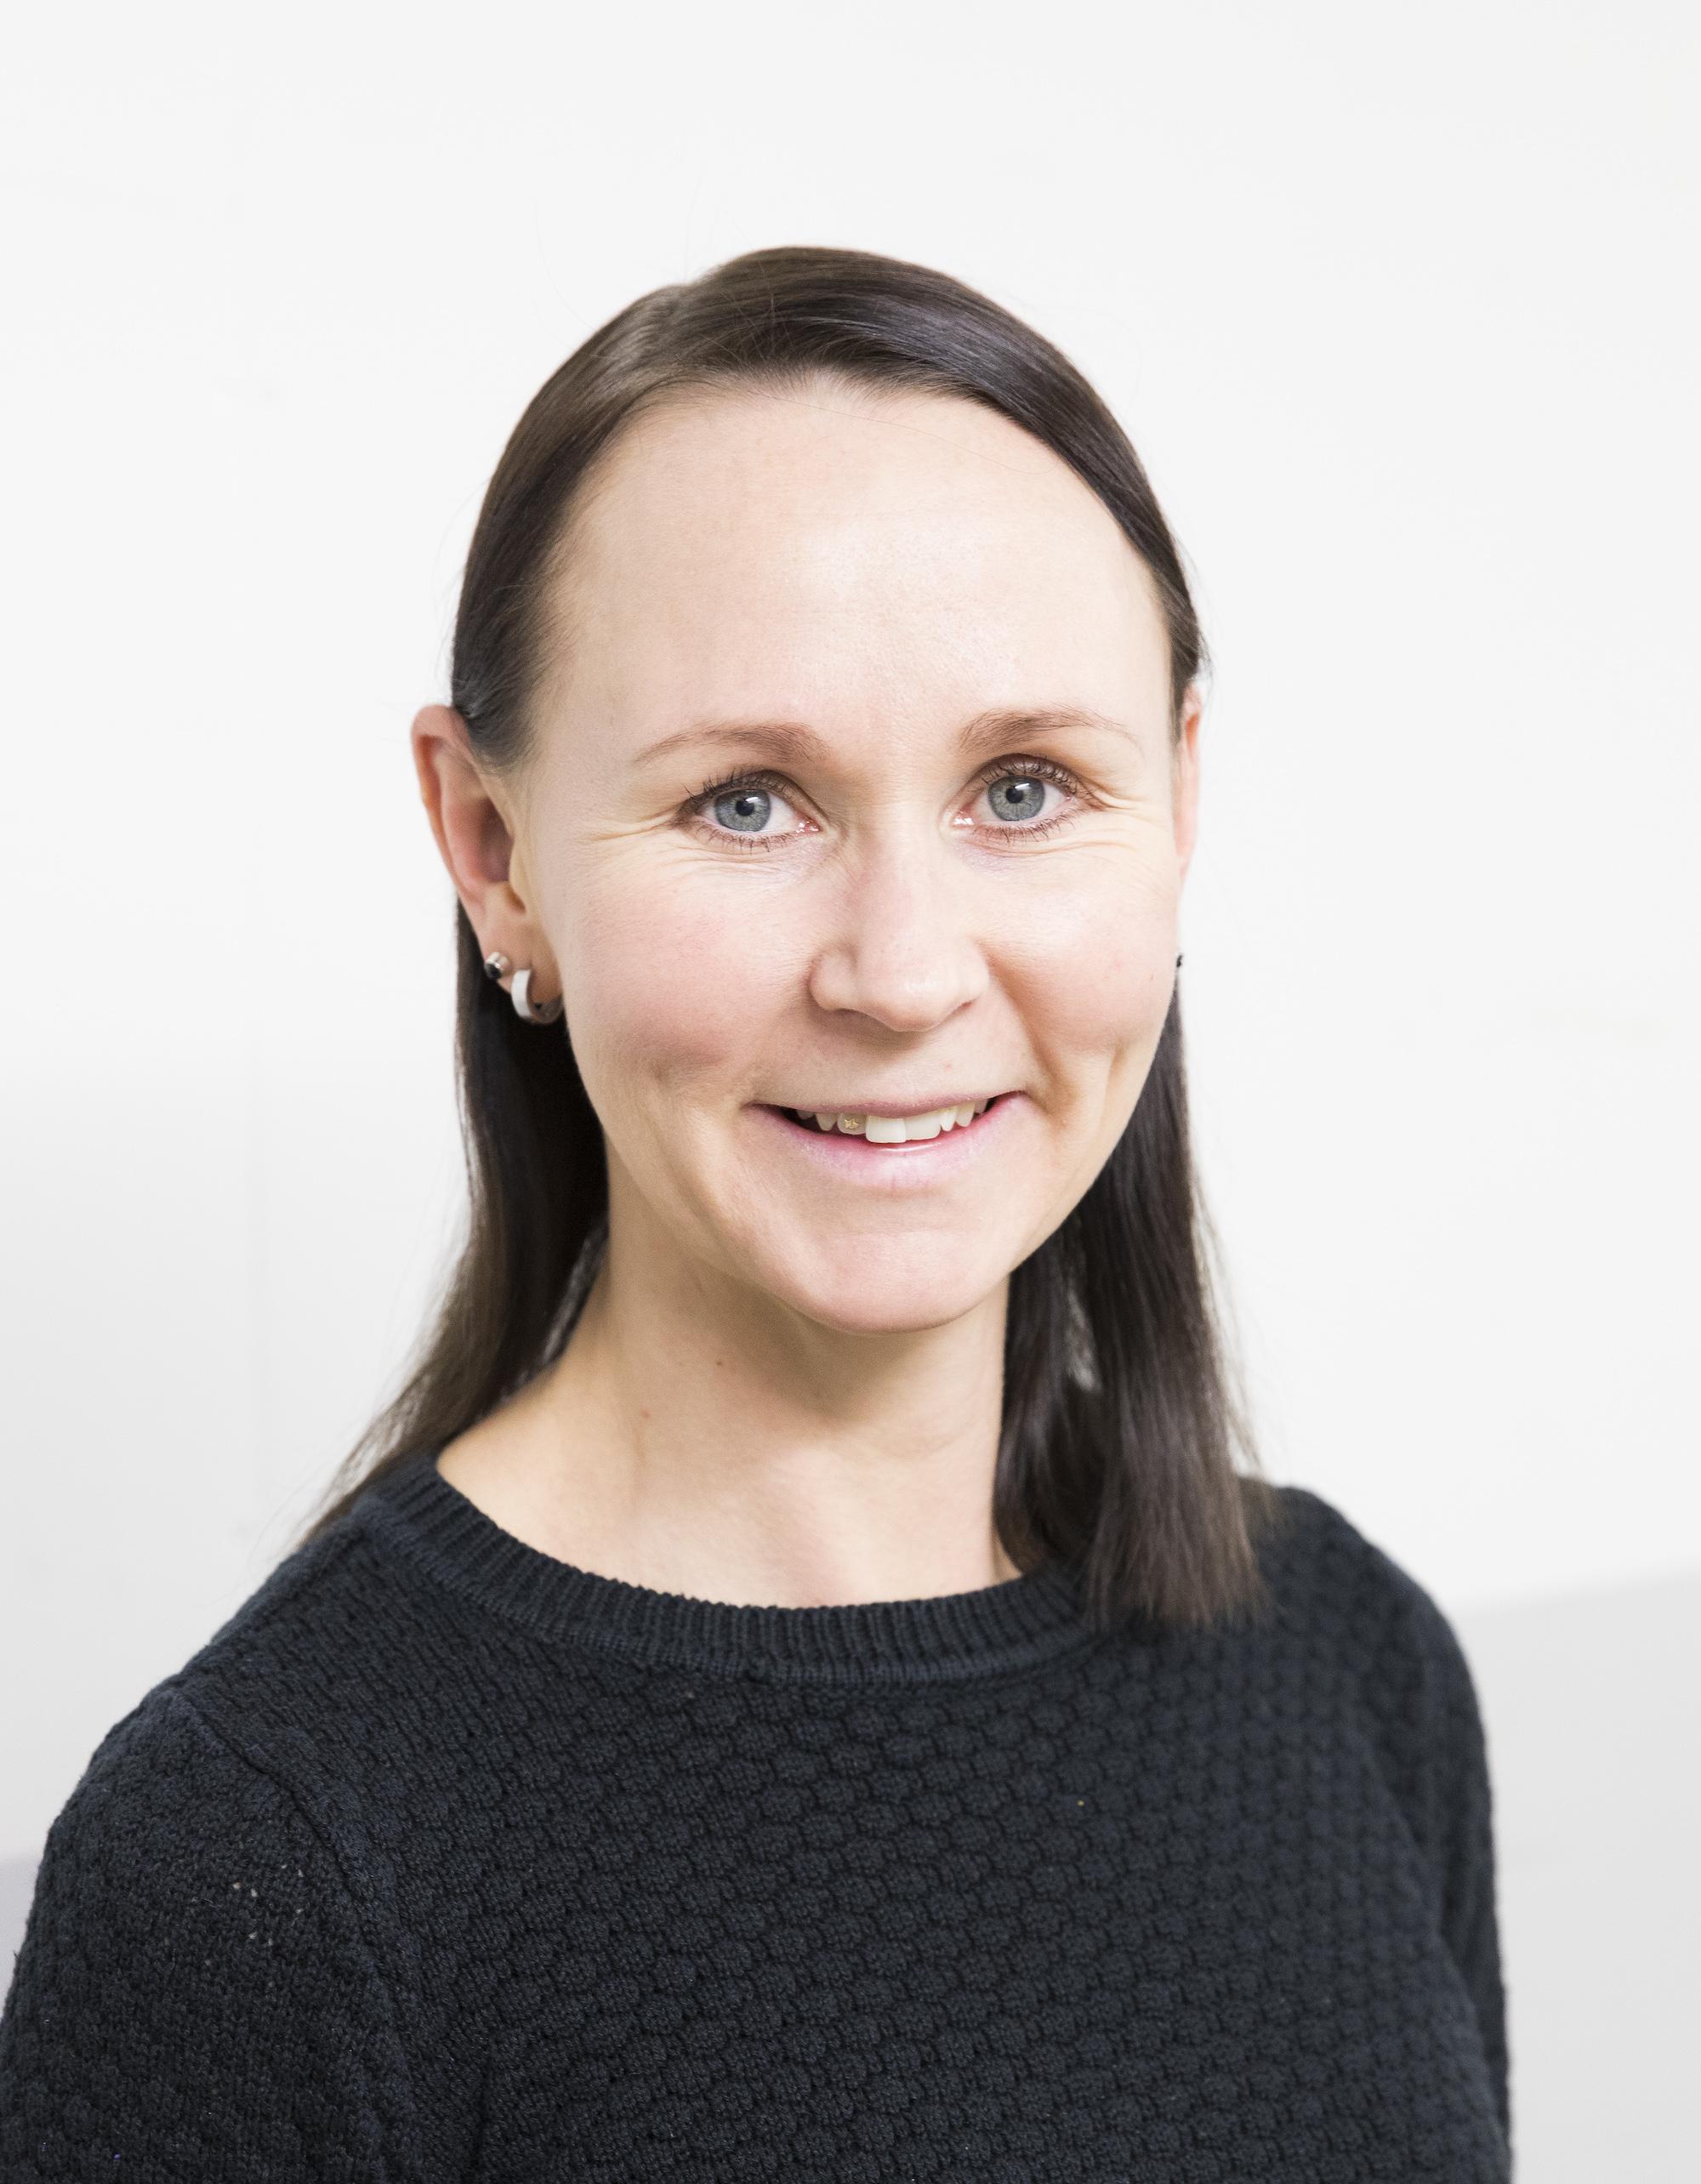 Elina Järvinen (ent. Kettunen) on edustanut Suomea taitoluistelun MM-kisoissa ja olympialaisissa 2000- luvun alussa. Nykyään hän toimii fysioterapeuttina Movelina-yrityksensä kautta. Hän vastaa STLL:n maajoukkueen, nuorten maajoukkueen ja Talent- ryhmän tukiharjoittelusta leireillä.